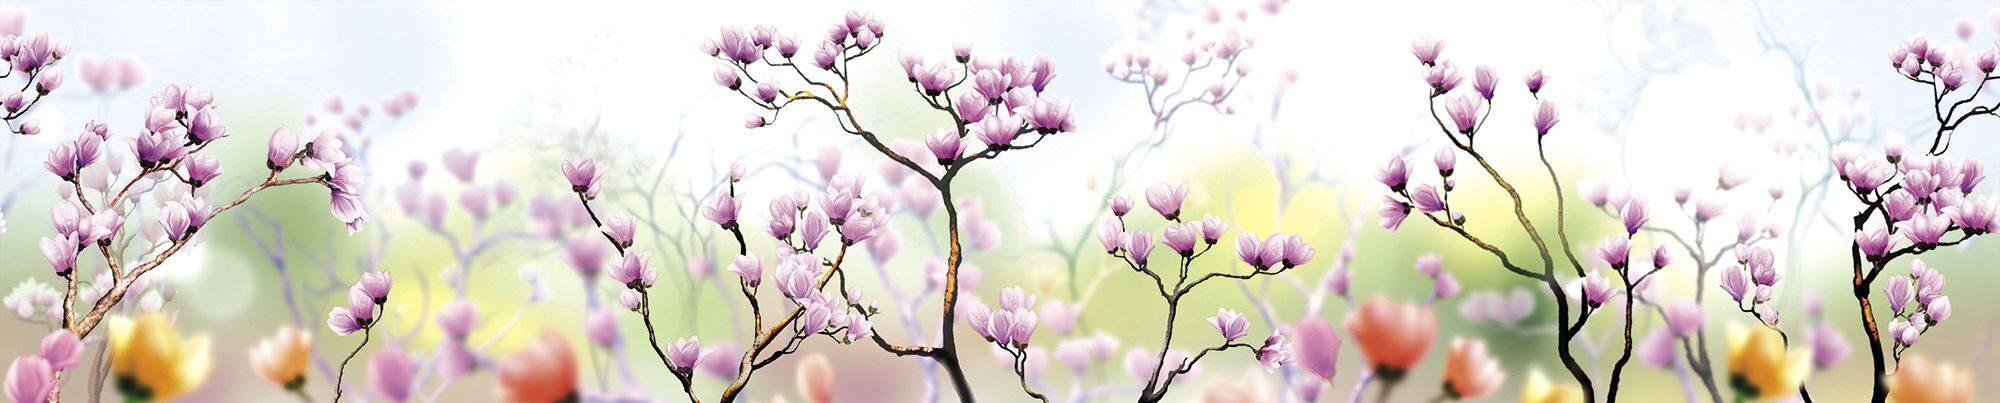 Фартук цветы сакуры